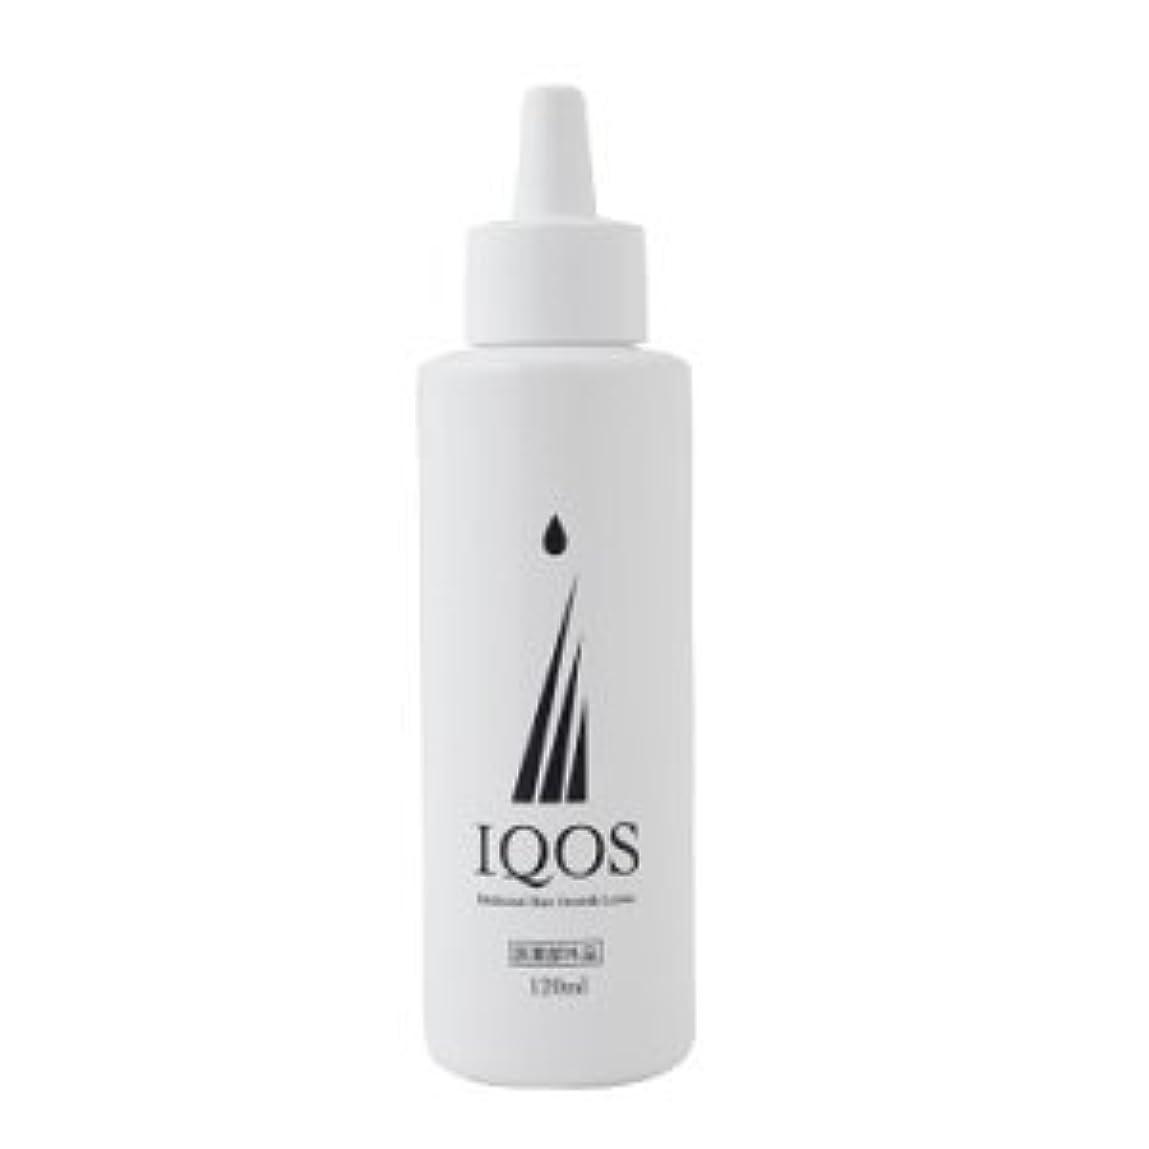 ふざけたお誕生日エステートM-034を最大級配合 薬用育毛剤 IQOS イクオス 120ml